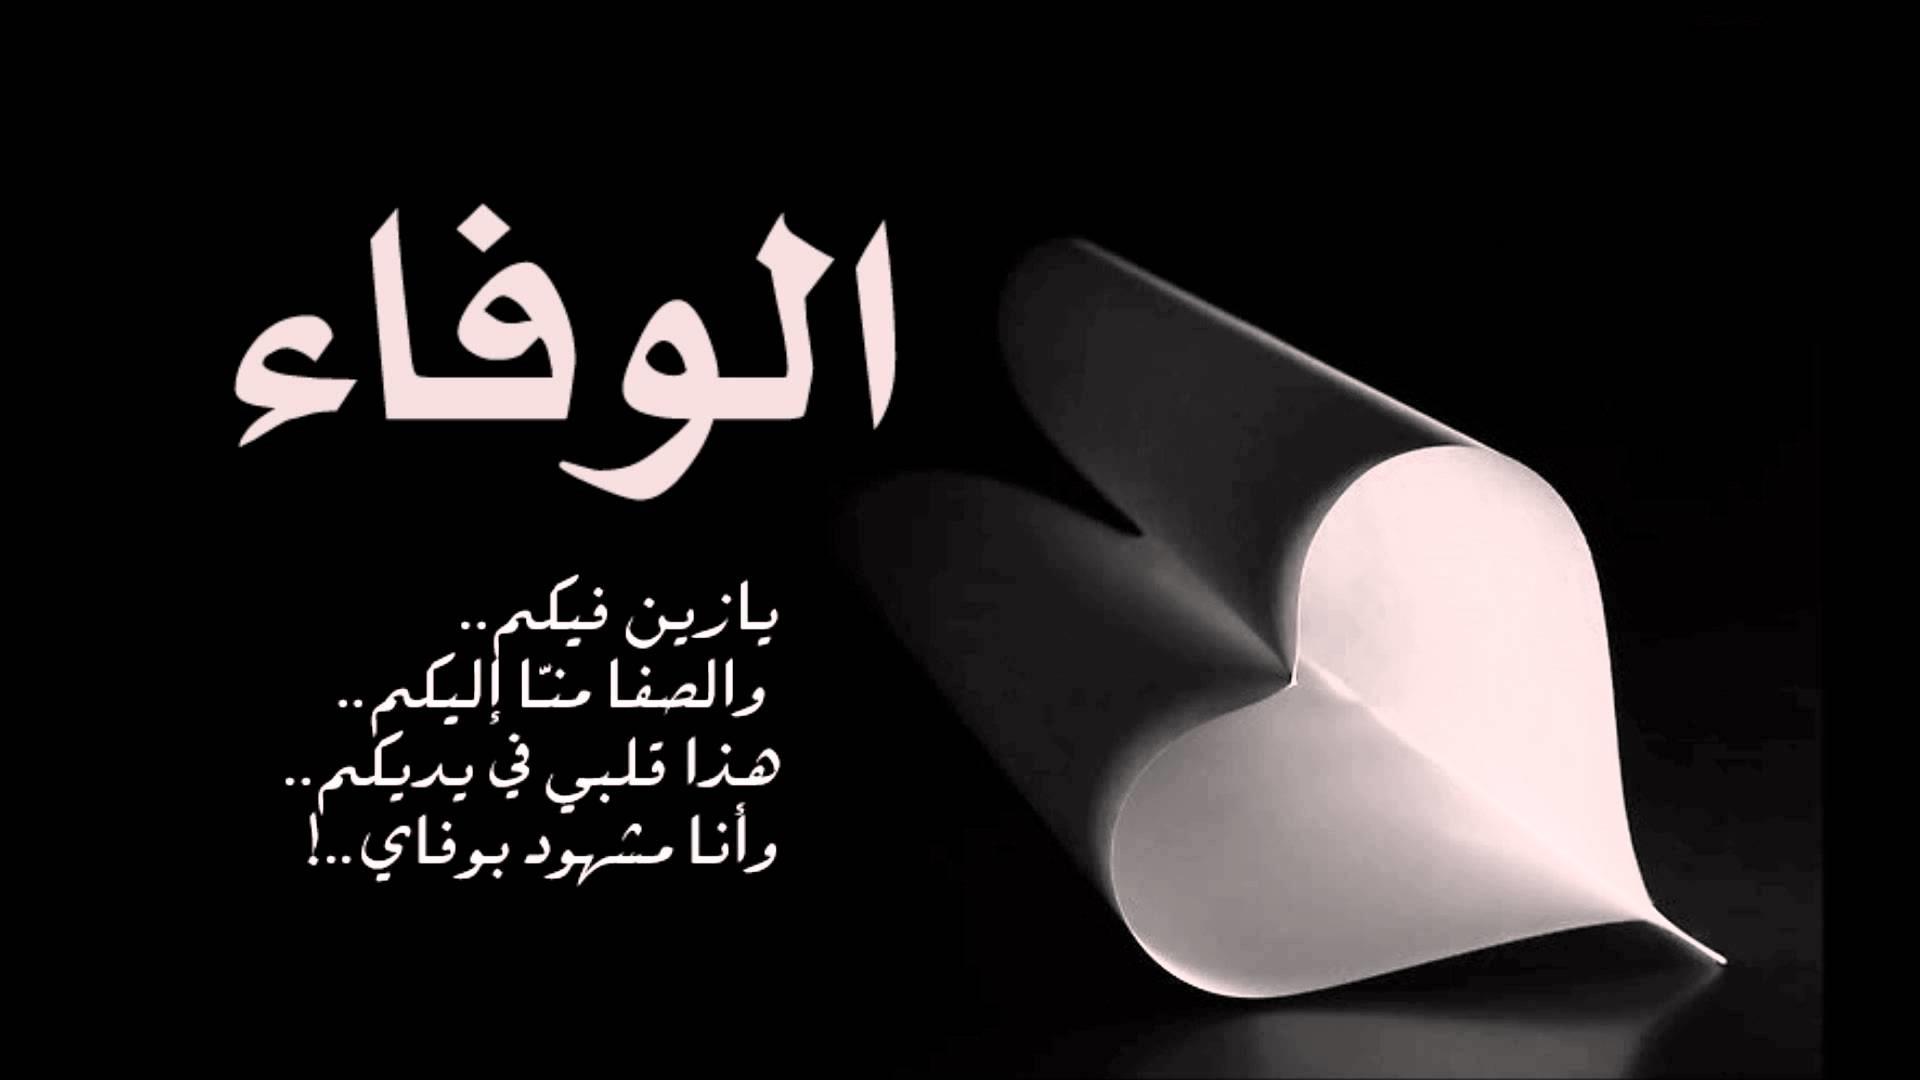 بالصور حكمه عن الصديق , حكم من الحياه عن الصداقه 5393